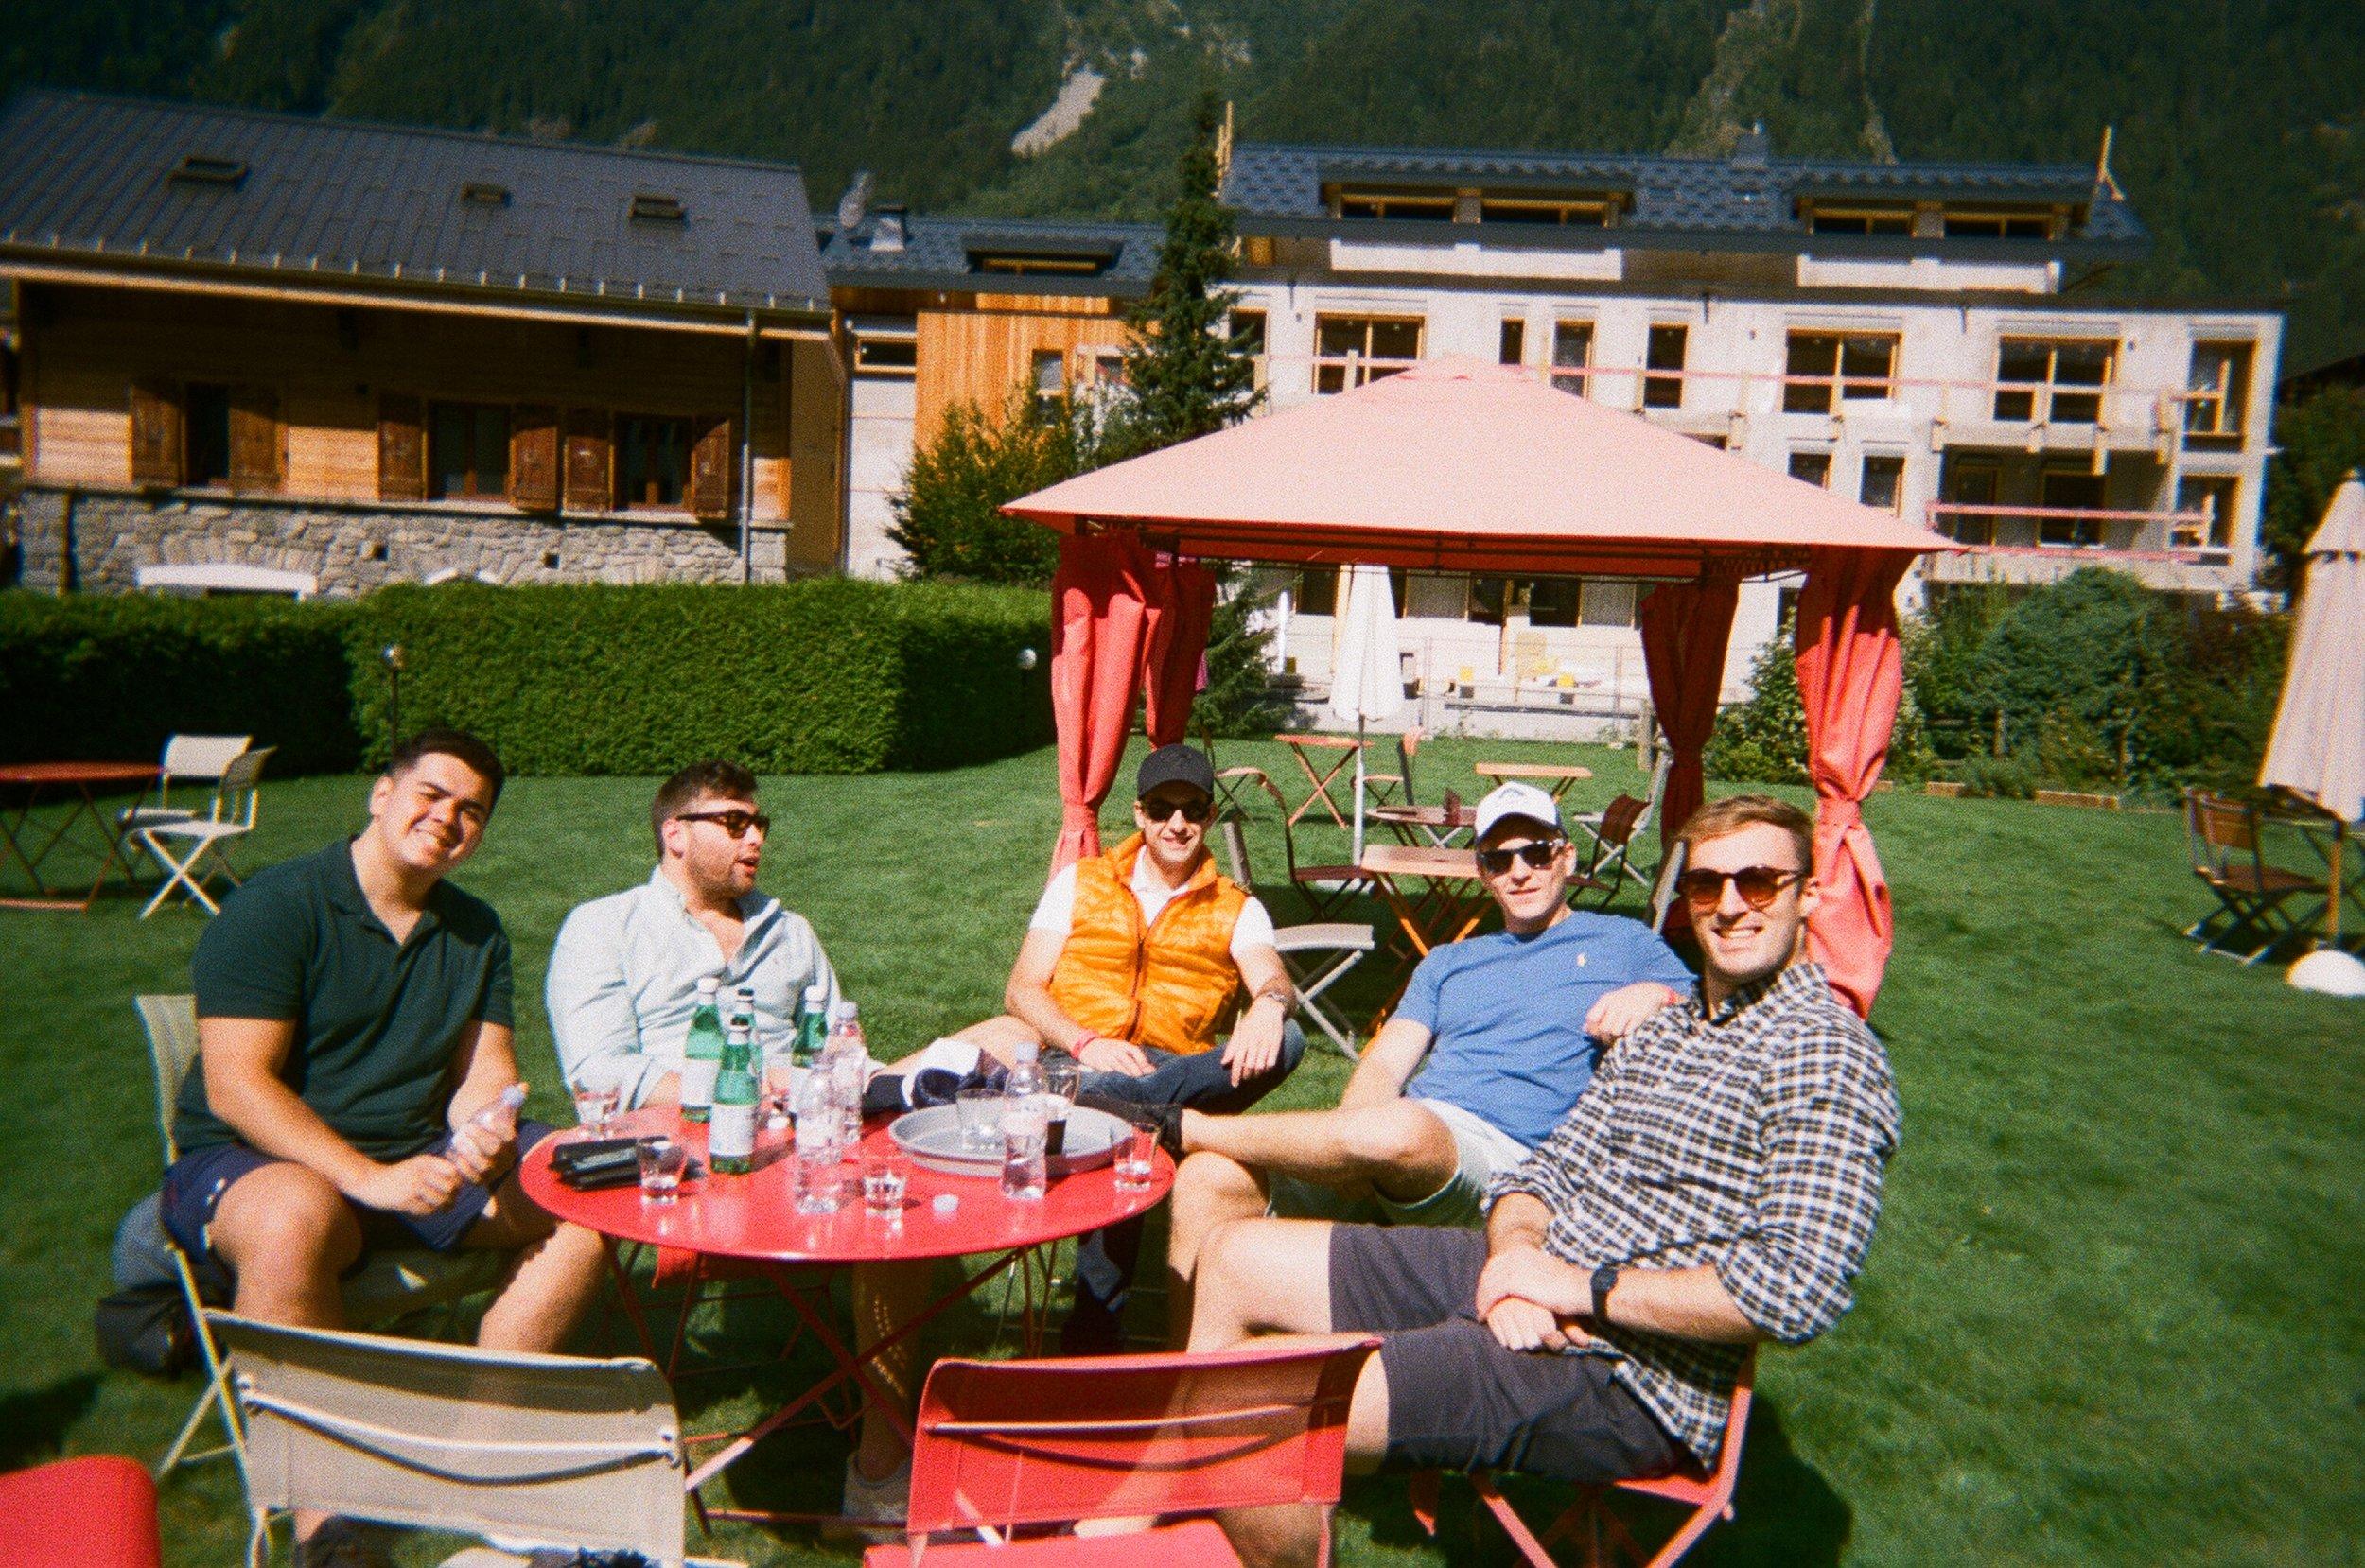 Nicki-Lange-Ultra-Trail-Du-Mont-Blanc-2018-35.jpg